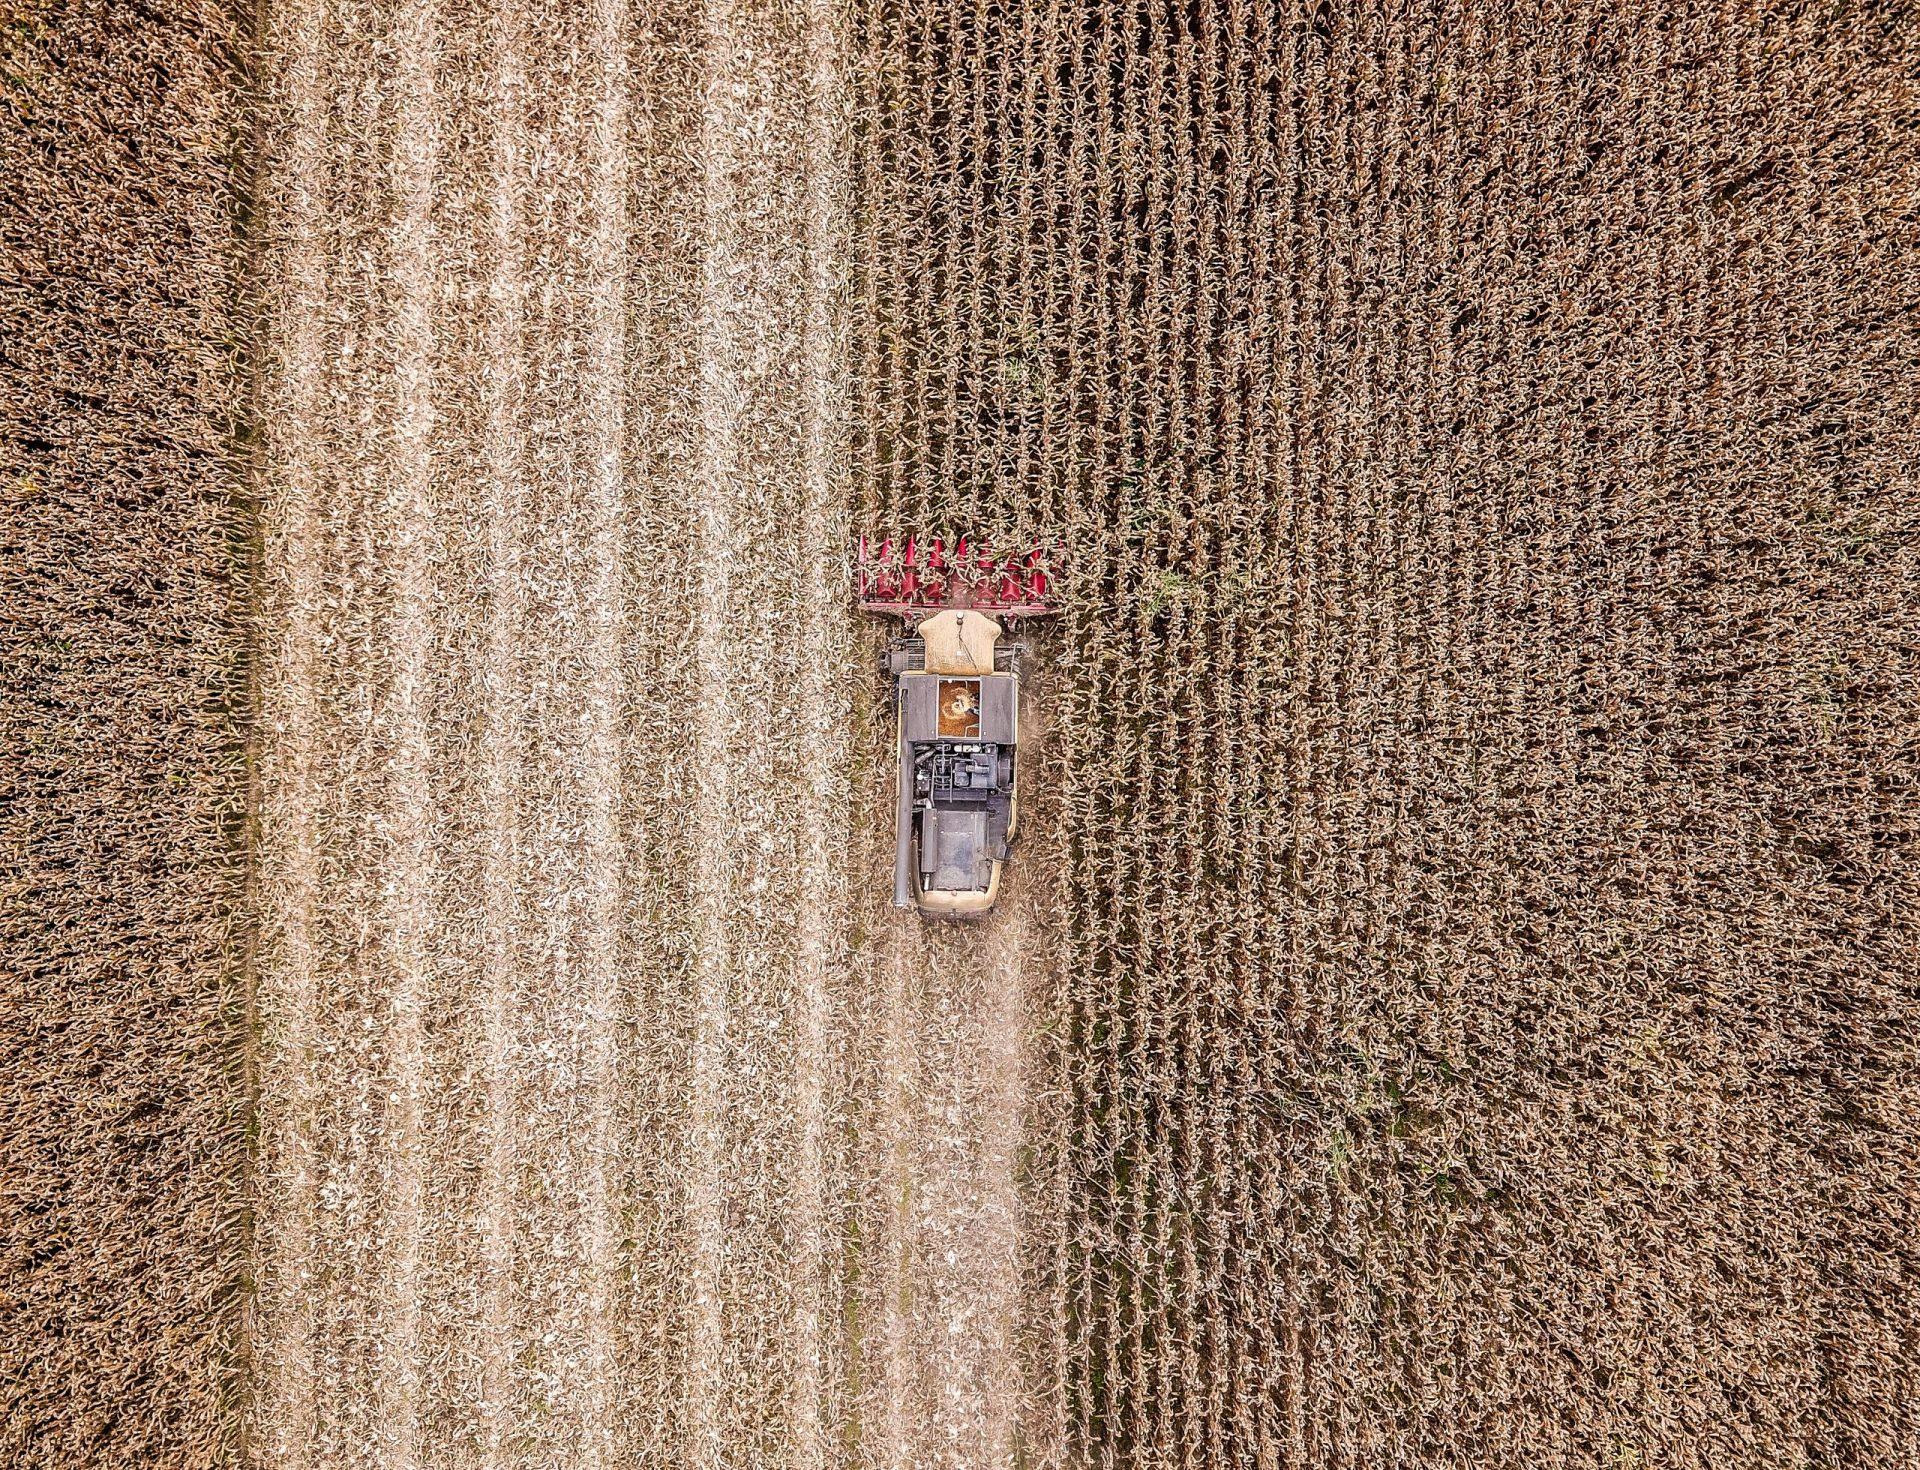 Commercio e vendita di cereali all'ingrosso